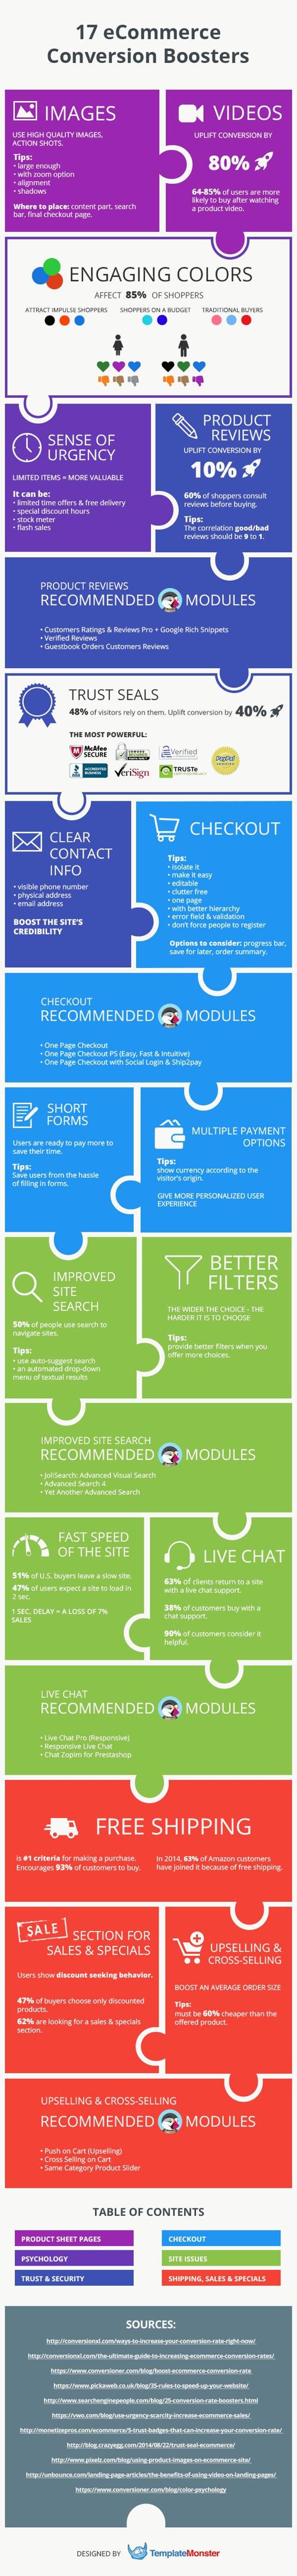 XX17 formas de aumentar las ventas de tu ecommerce #infografía